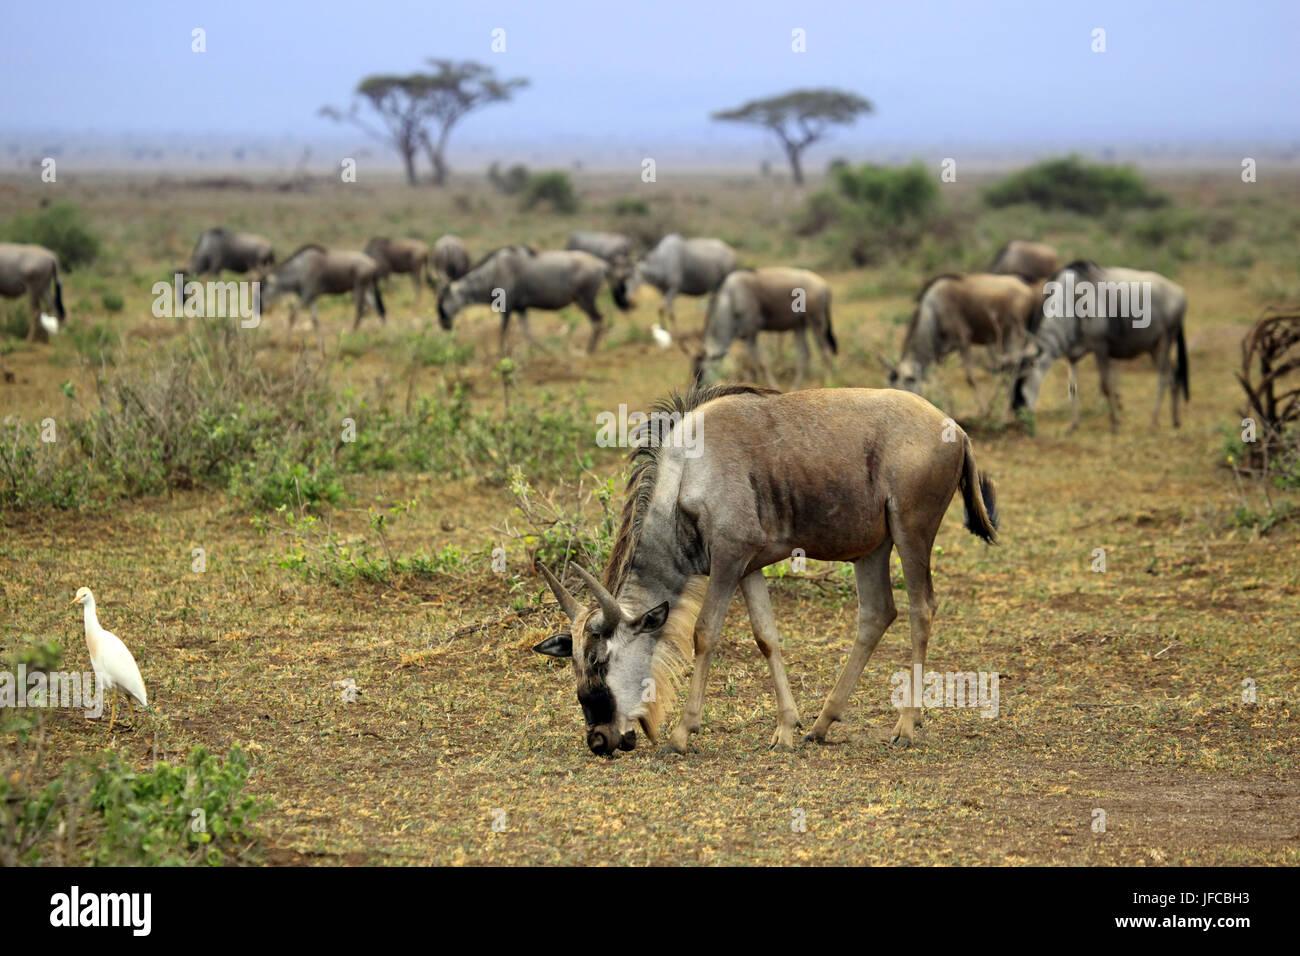 Kenia Safari People Stock Photos & Kenia Safari People